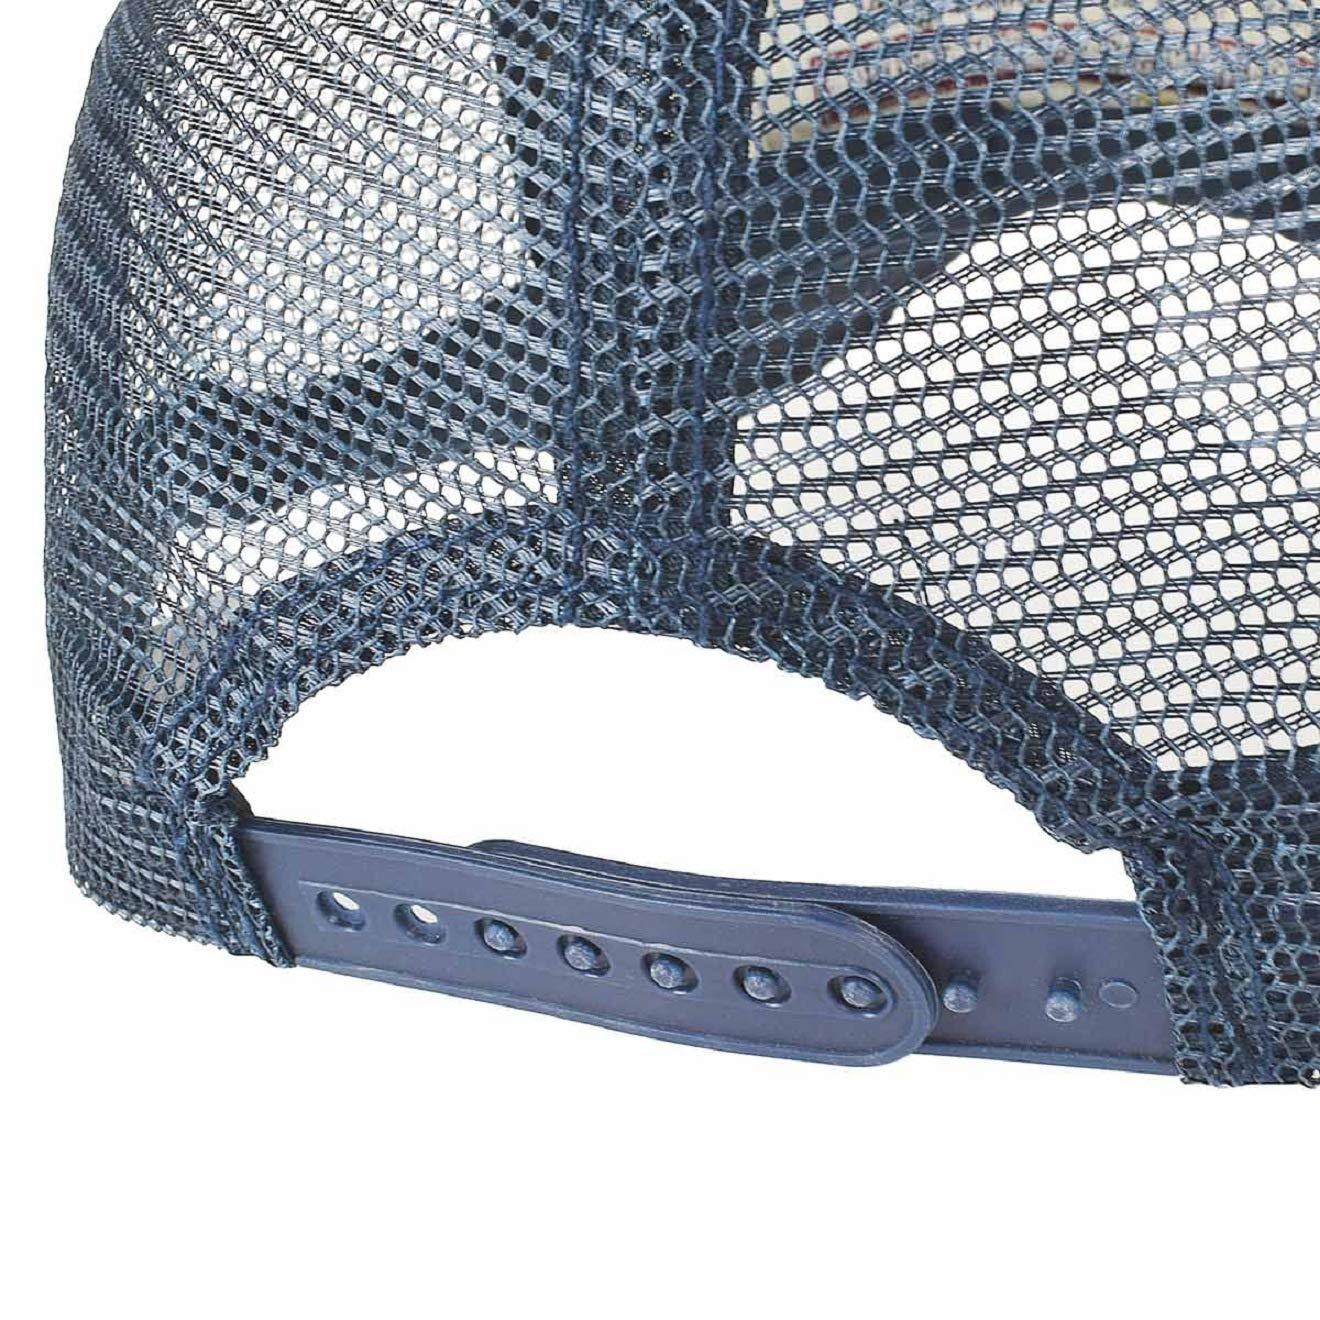 Voqeen Unisex Gorra De B/éisbol Bordado De Hip Hop De Malla del Camionero con Ajustable Sombreros De Camionero para Granja Gorra Deportiva Classic Hat Gorra